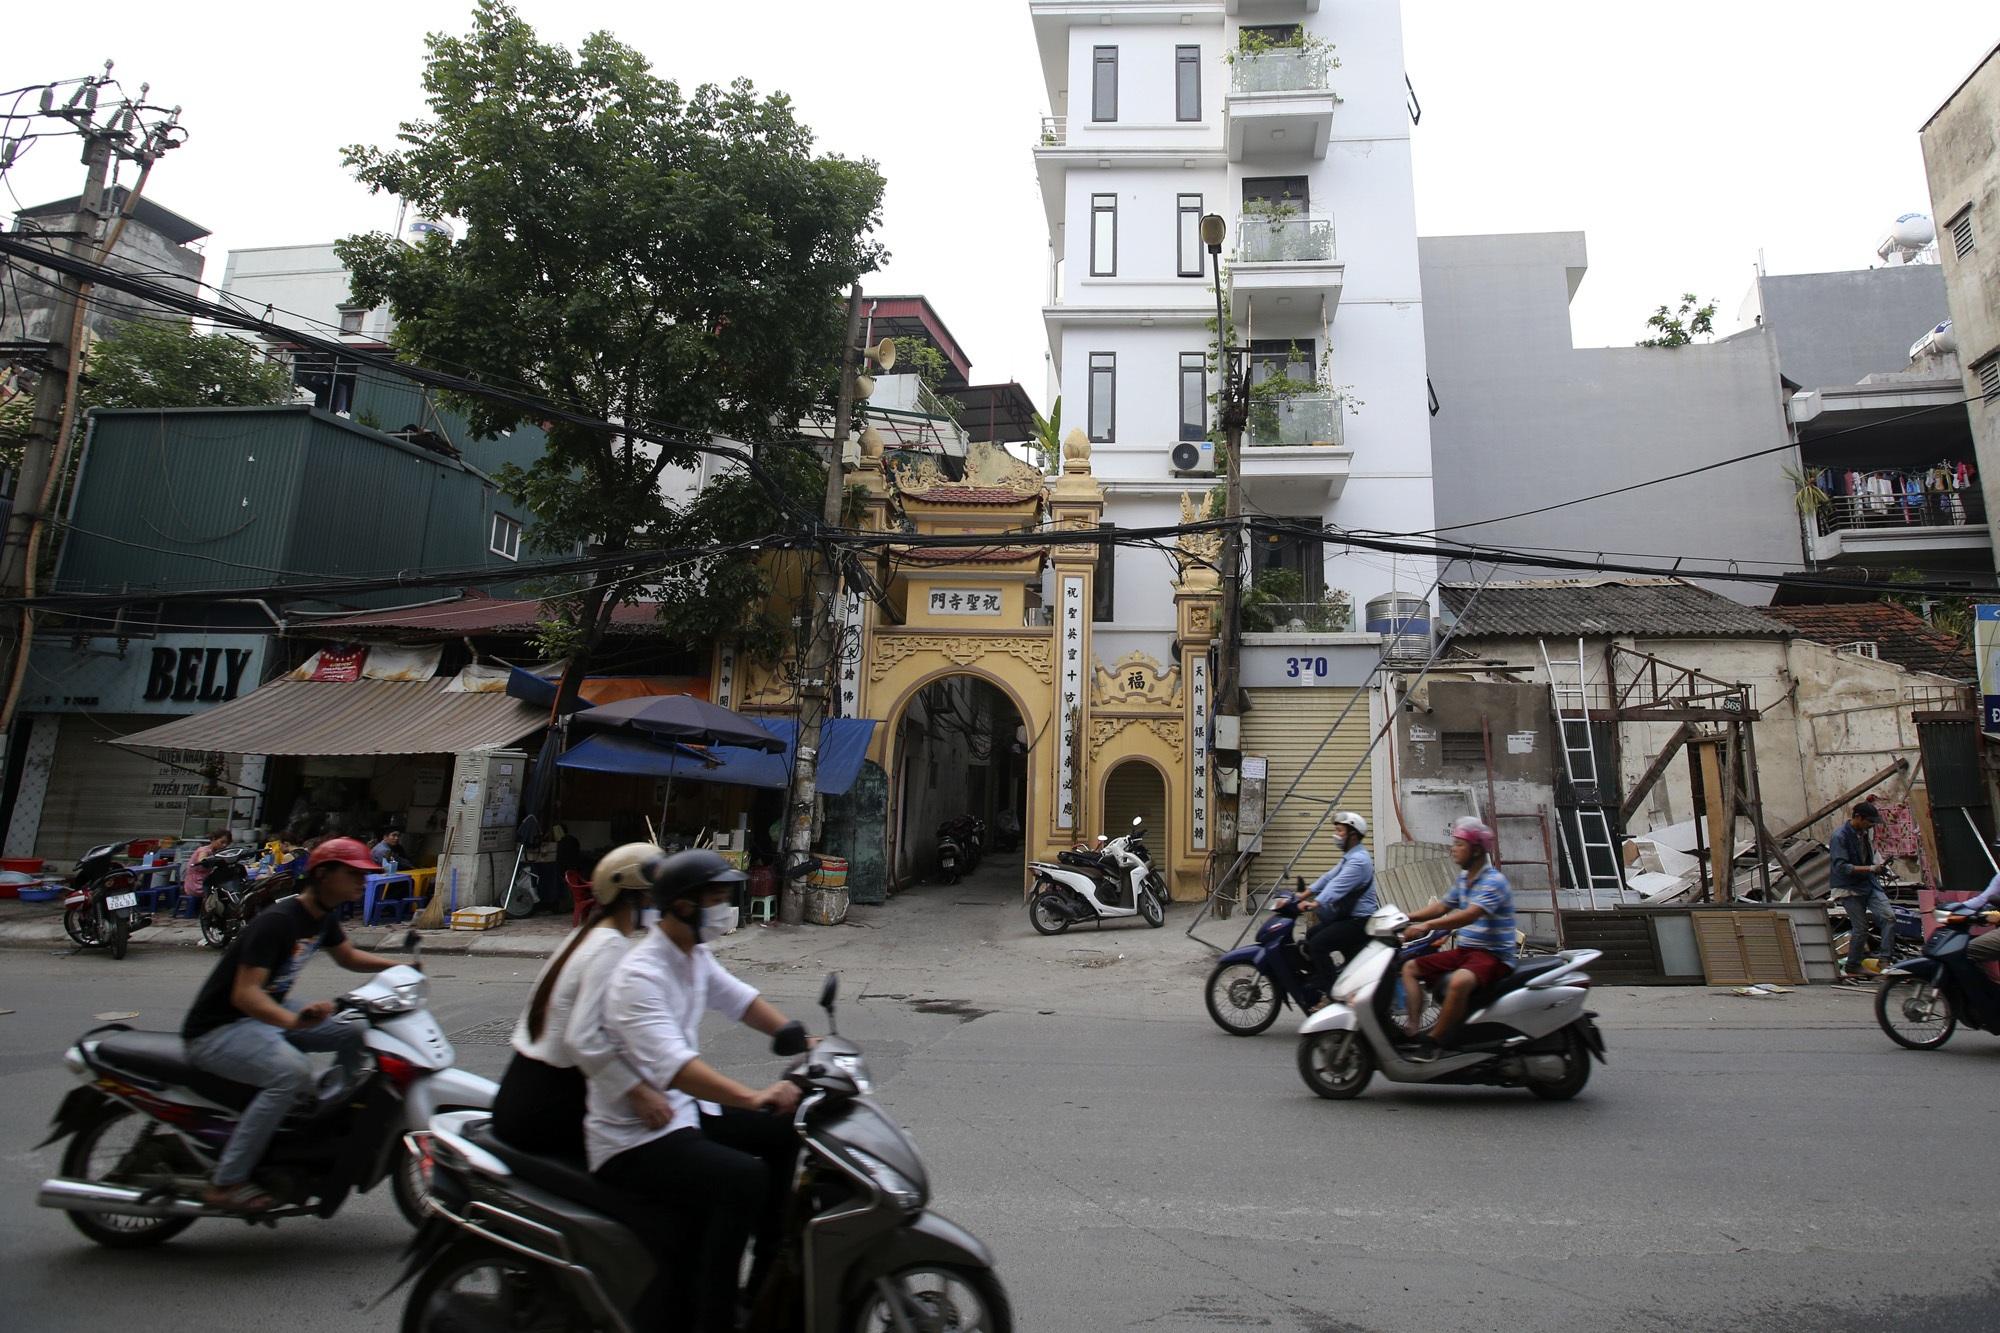 Đất Kẻ Bưởi và những cổng làng trăm tuổi ở Hà Nội - 15